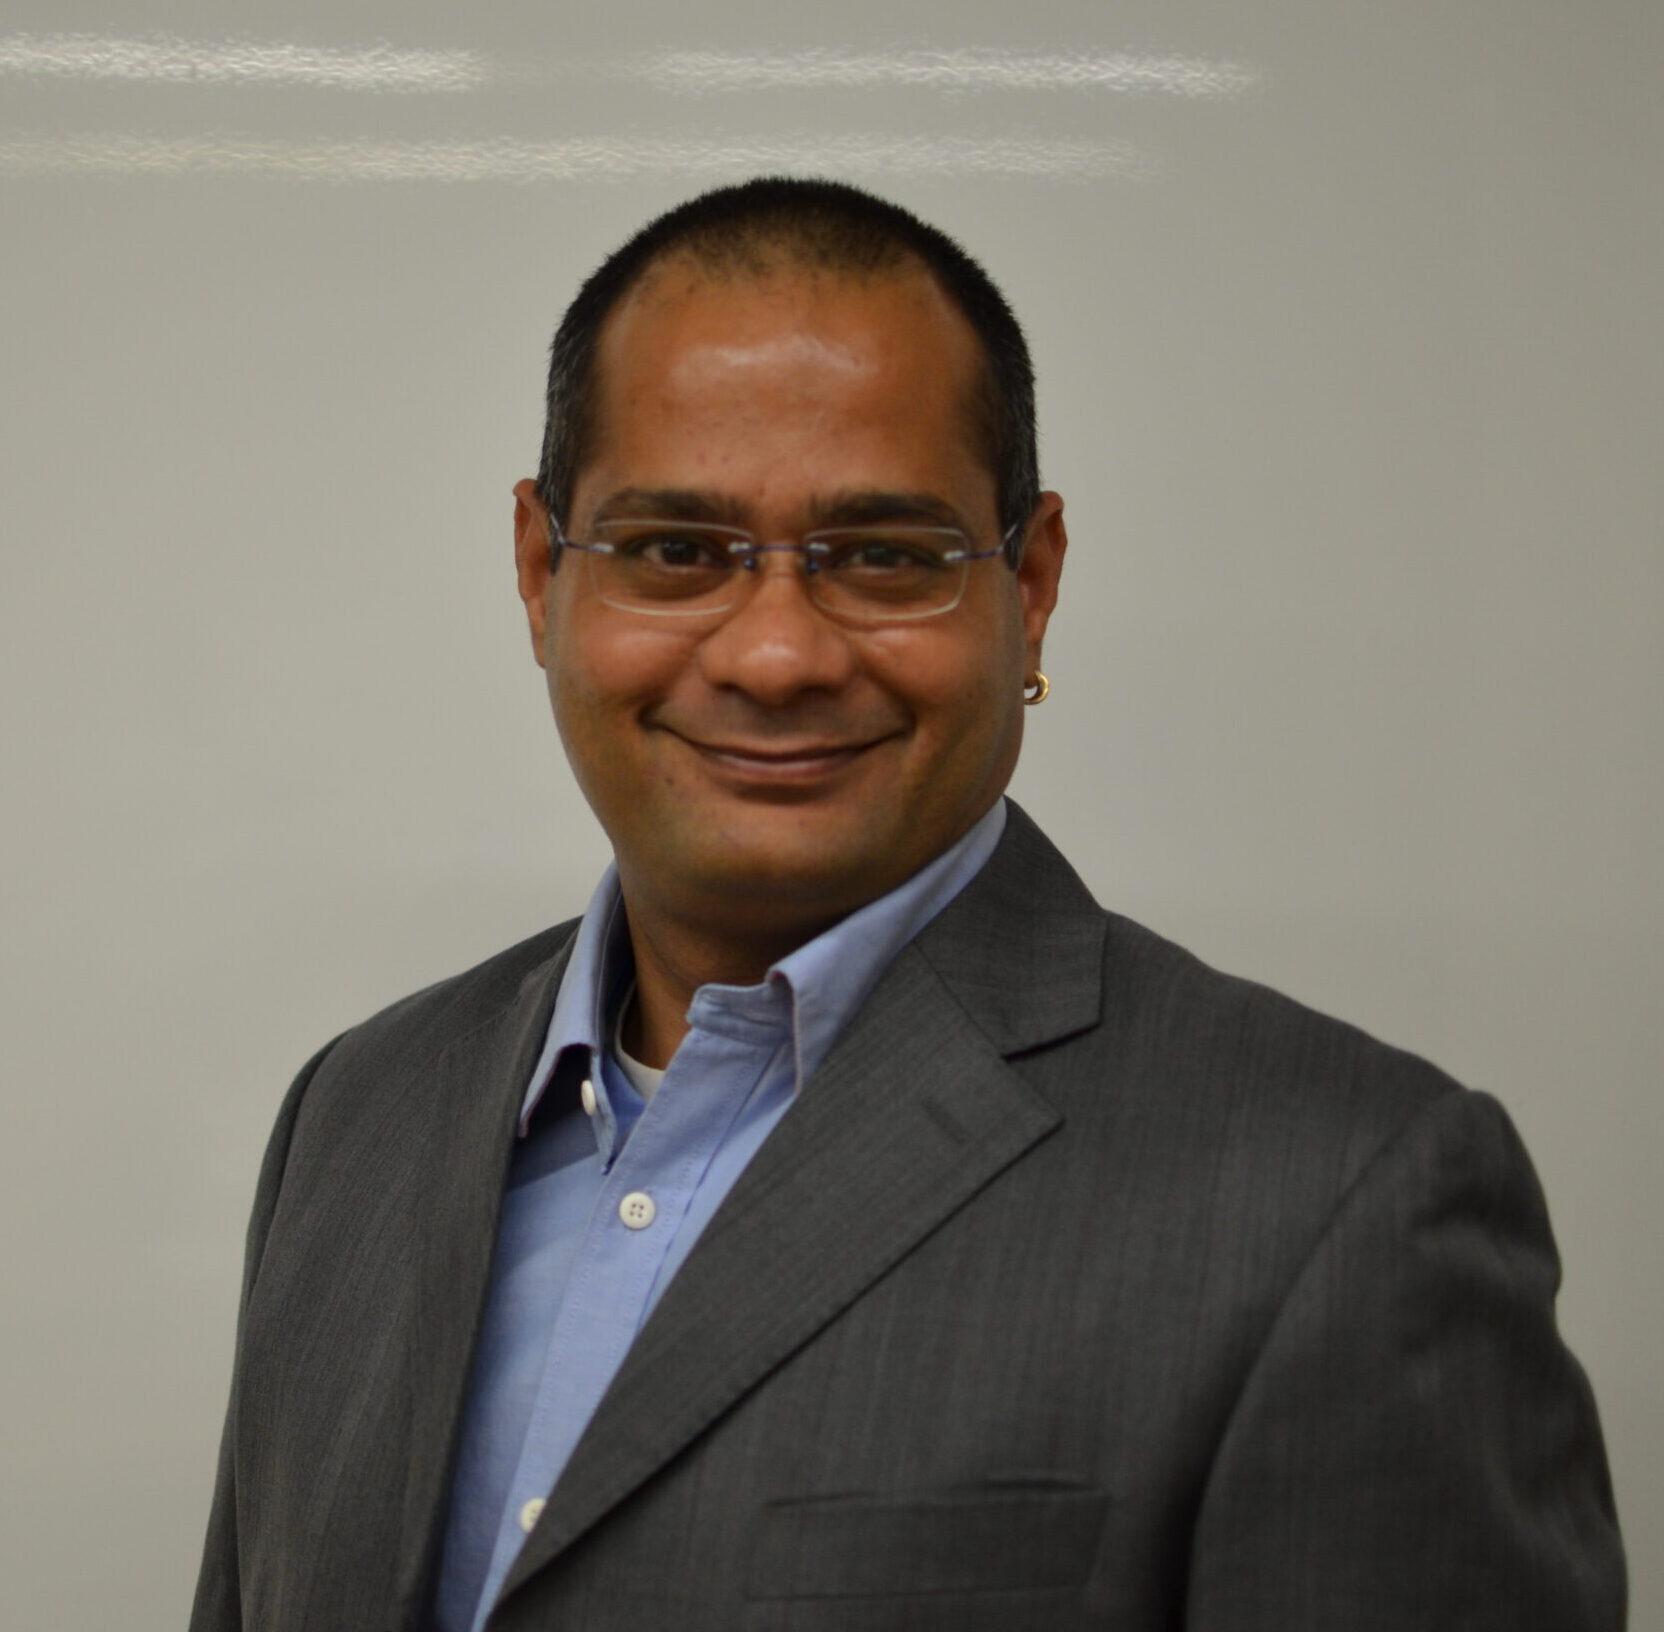 Akash Bahal